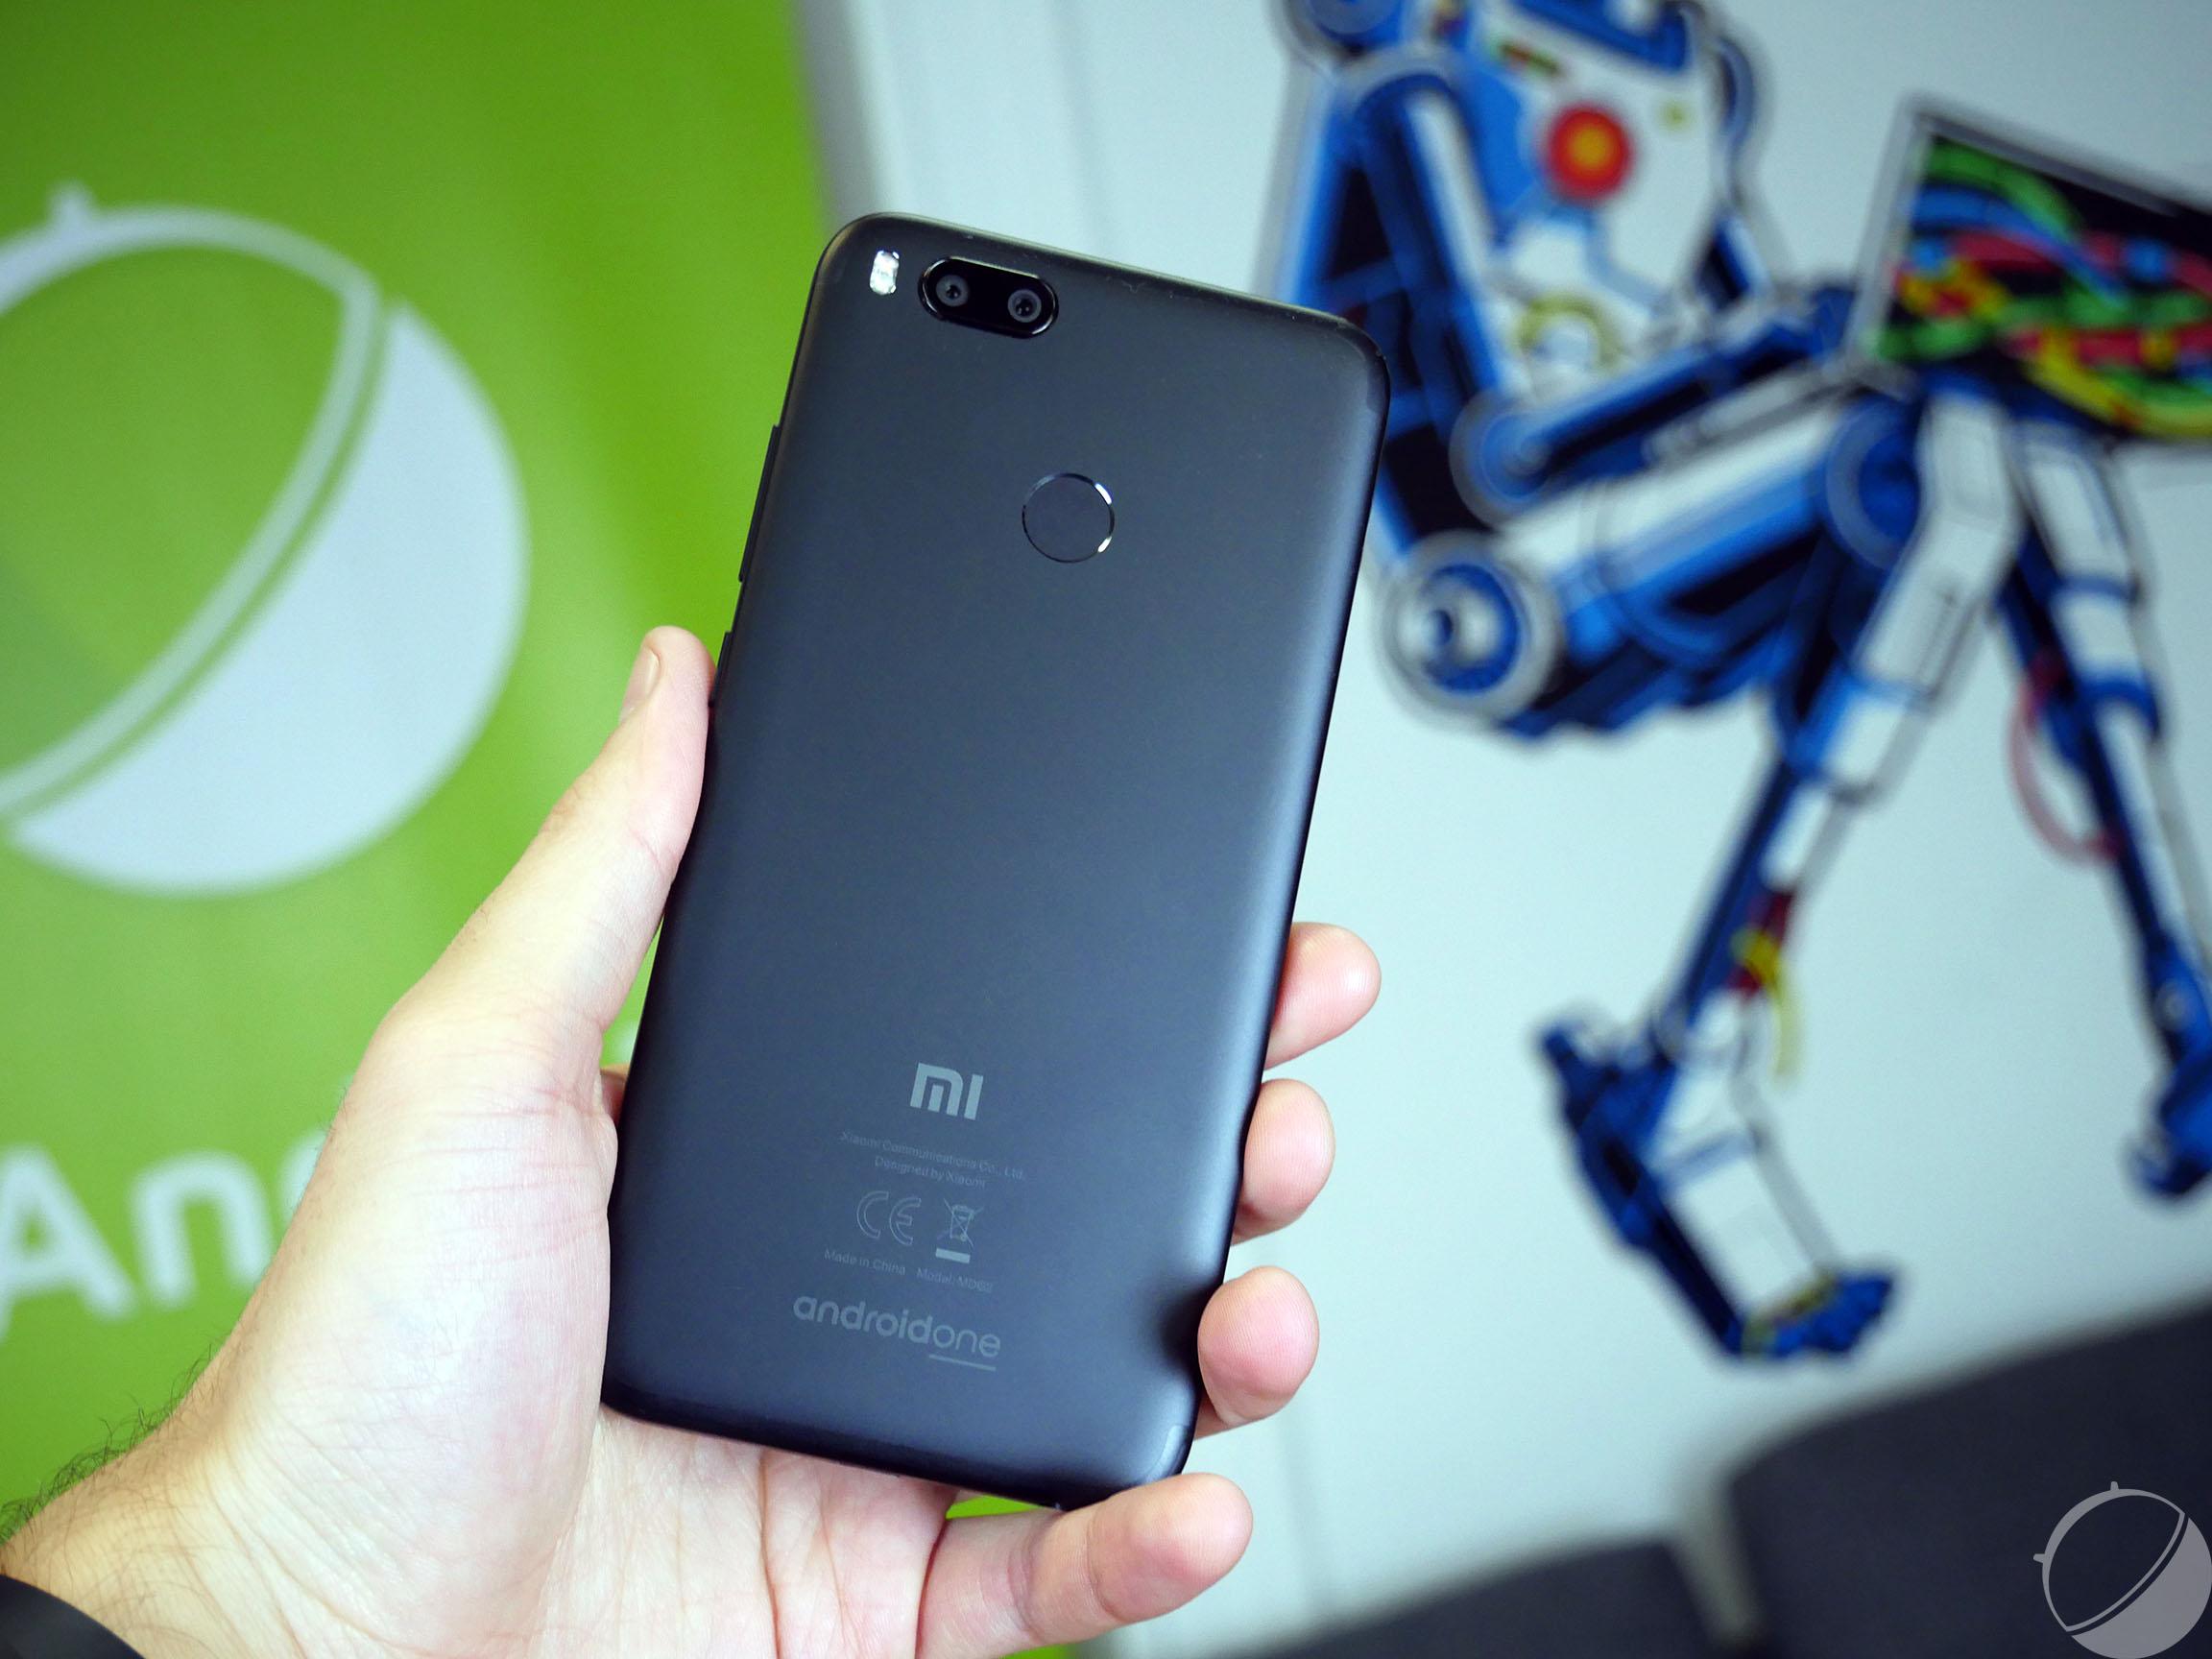 Android One vs MIUI 9 : Xiaomi supprime un sondage qui ne